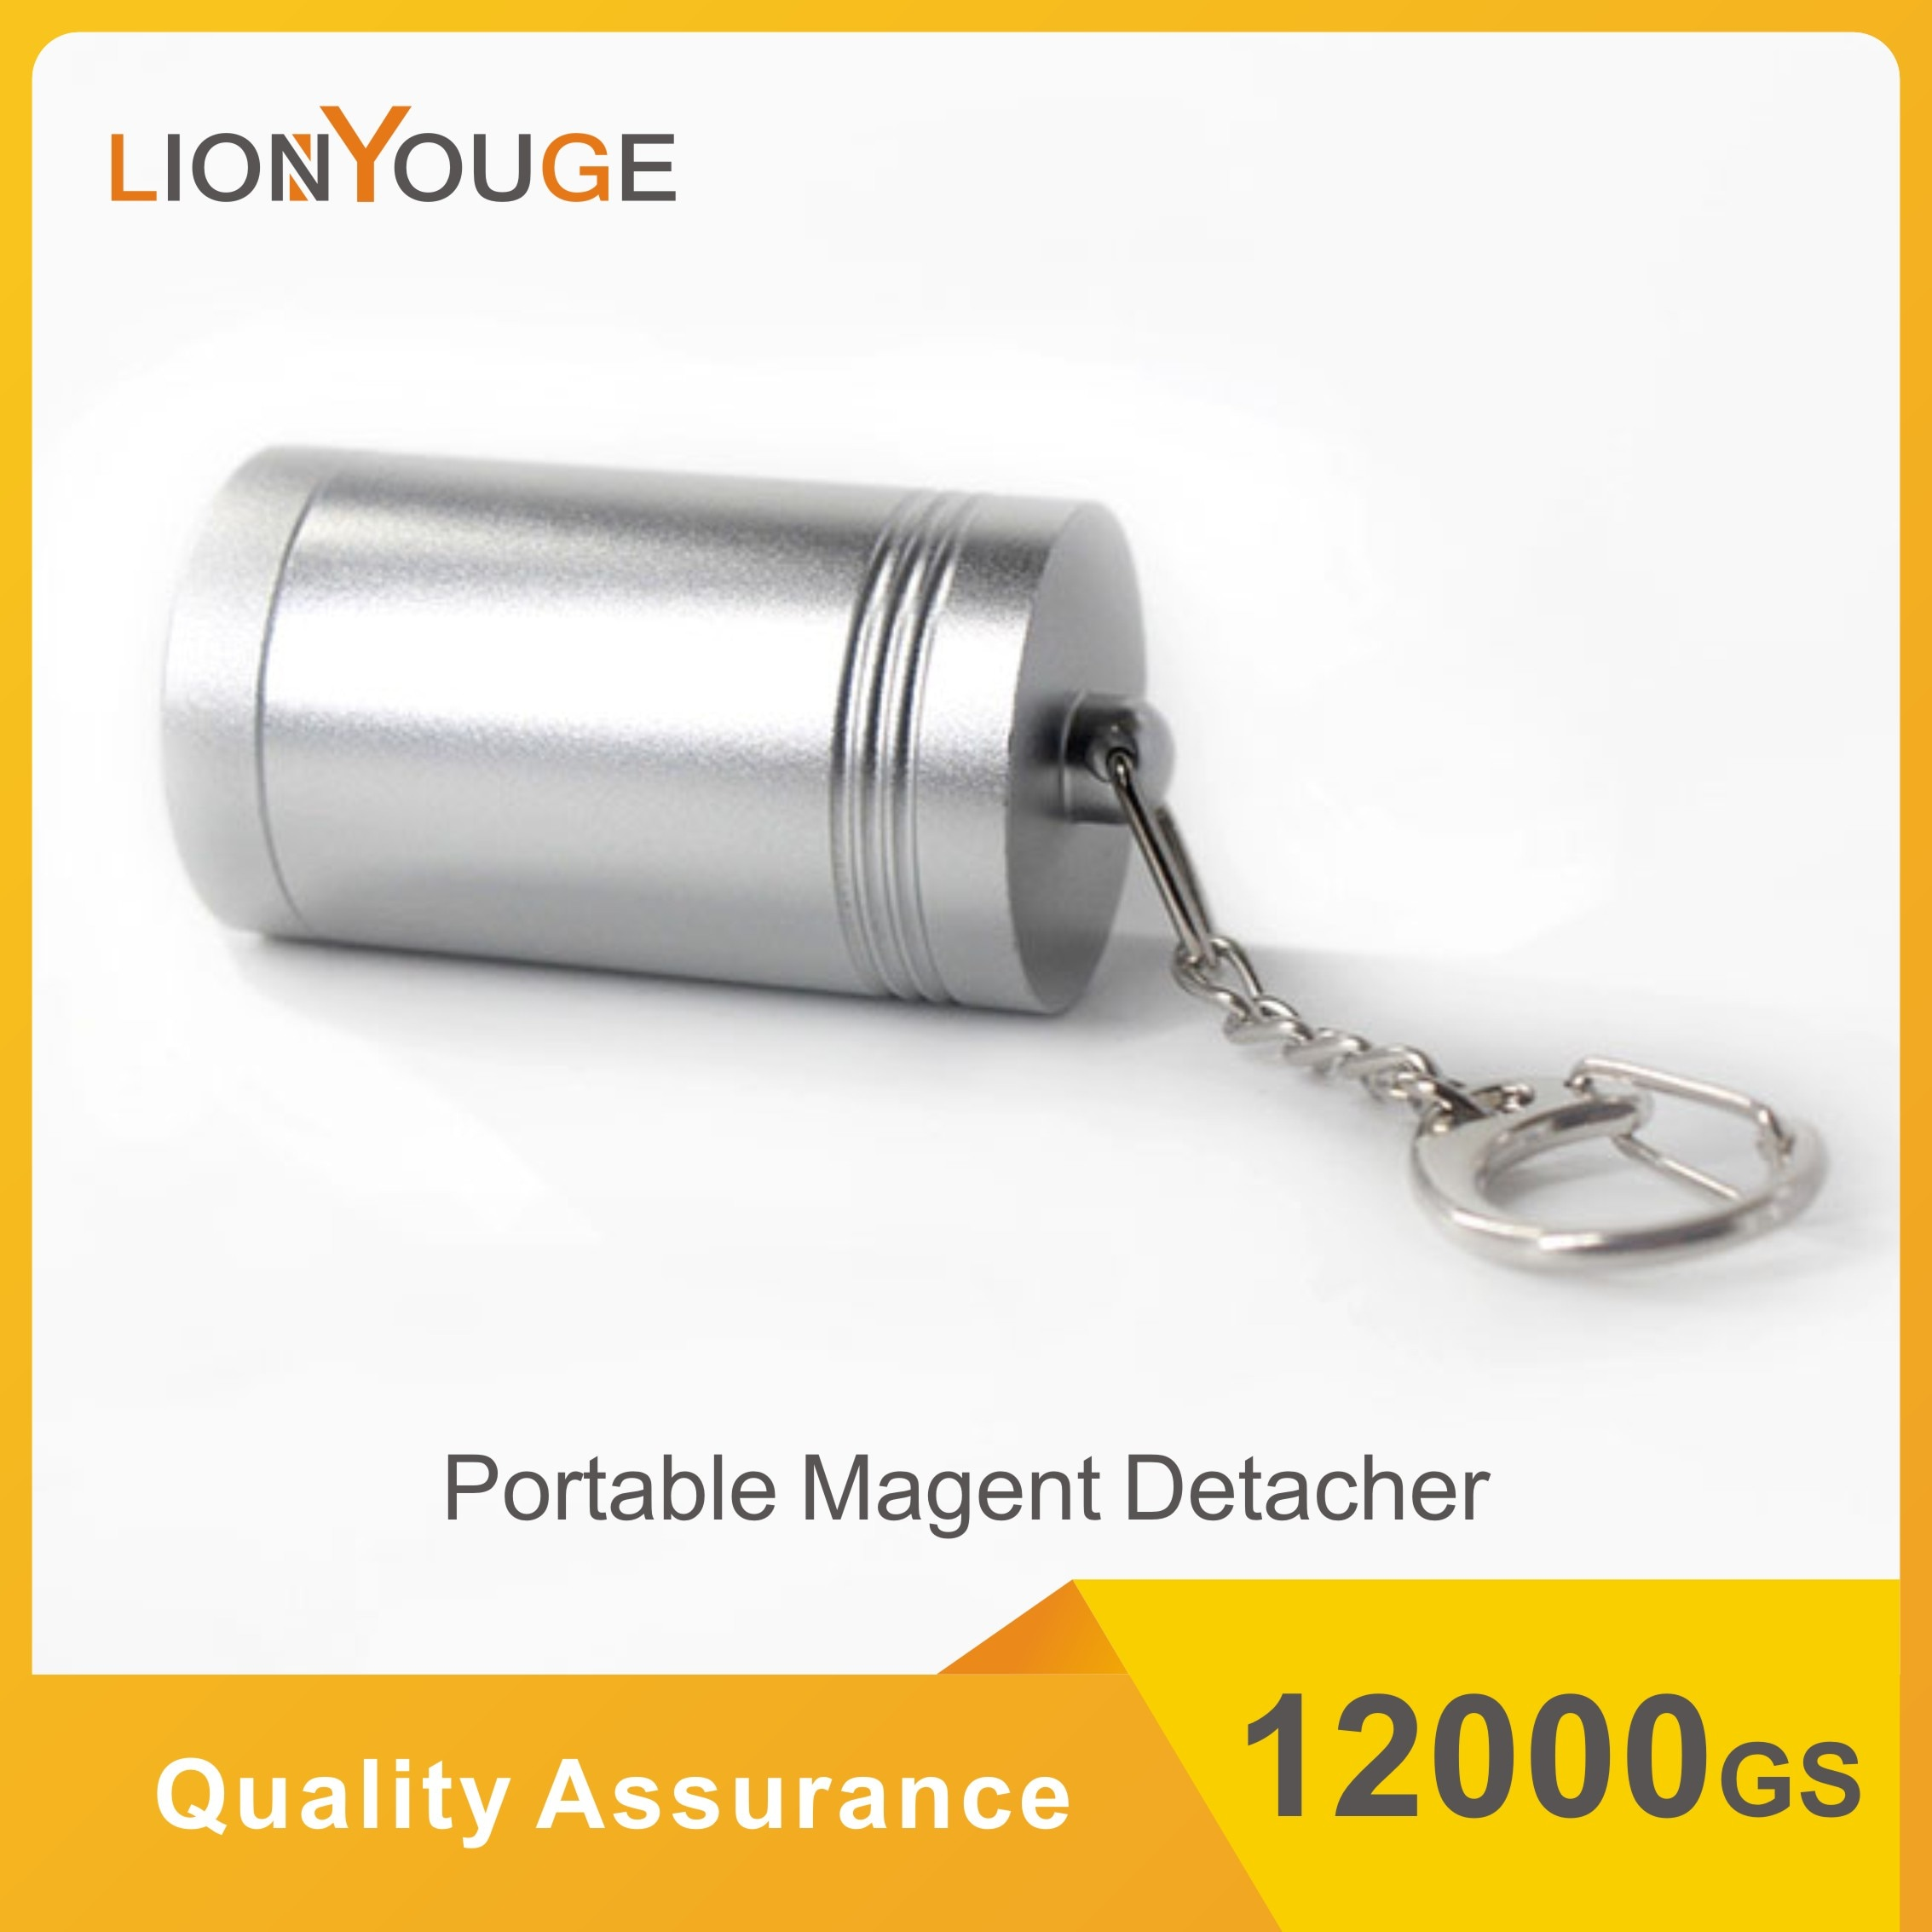 Портативный Магнитный съемный ключ 12000gs, магнитный портативный Съемник бирок EAS для снятия бирок безопасности, крючков, мини-бирок.